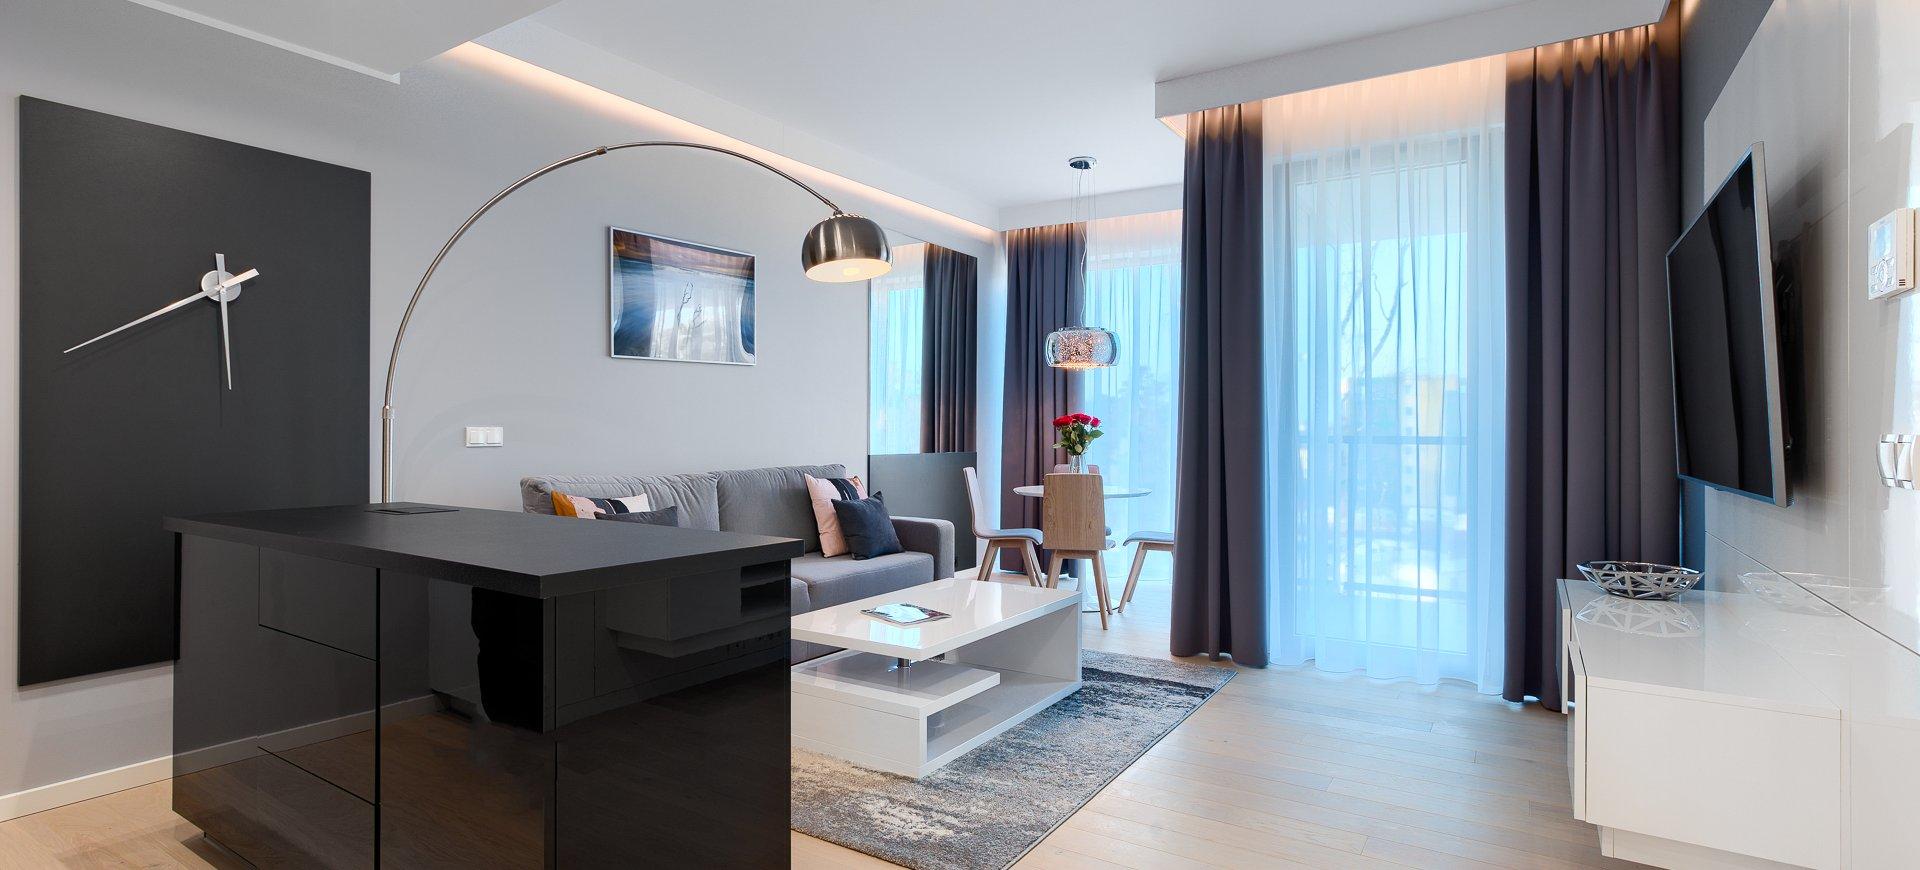 Apartament Deluxe z 1 sypialnią 3.12 C z widokiem na morze